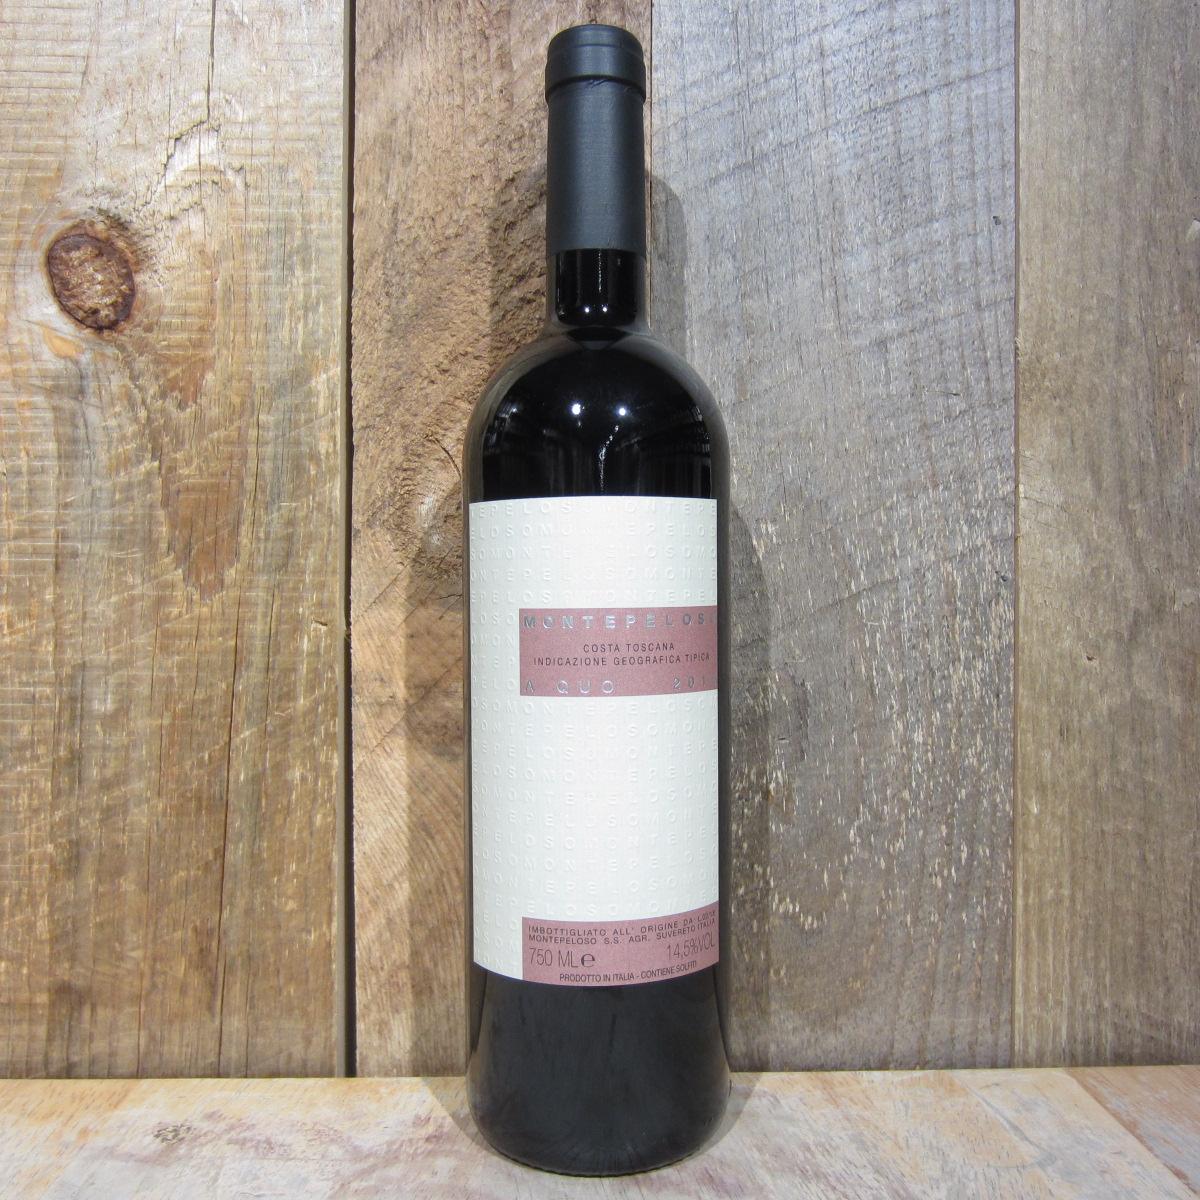 Montepeloso A Quo Toscana 2019 750ml